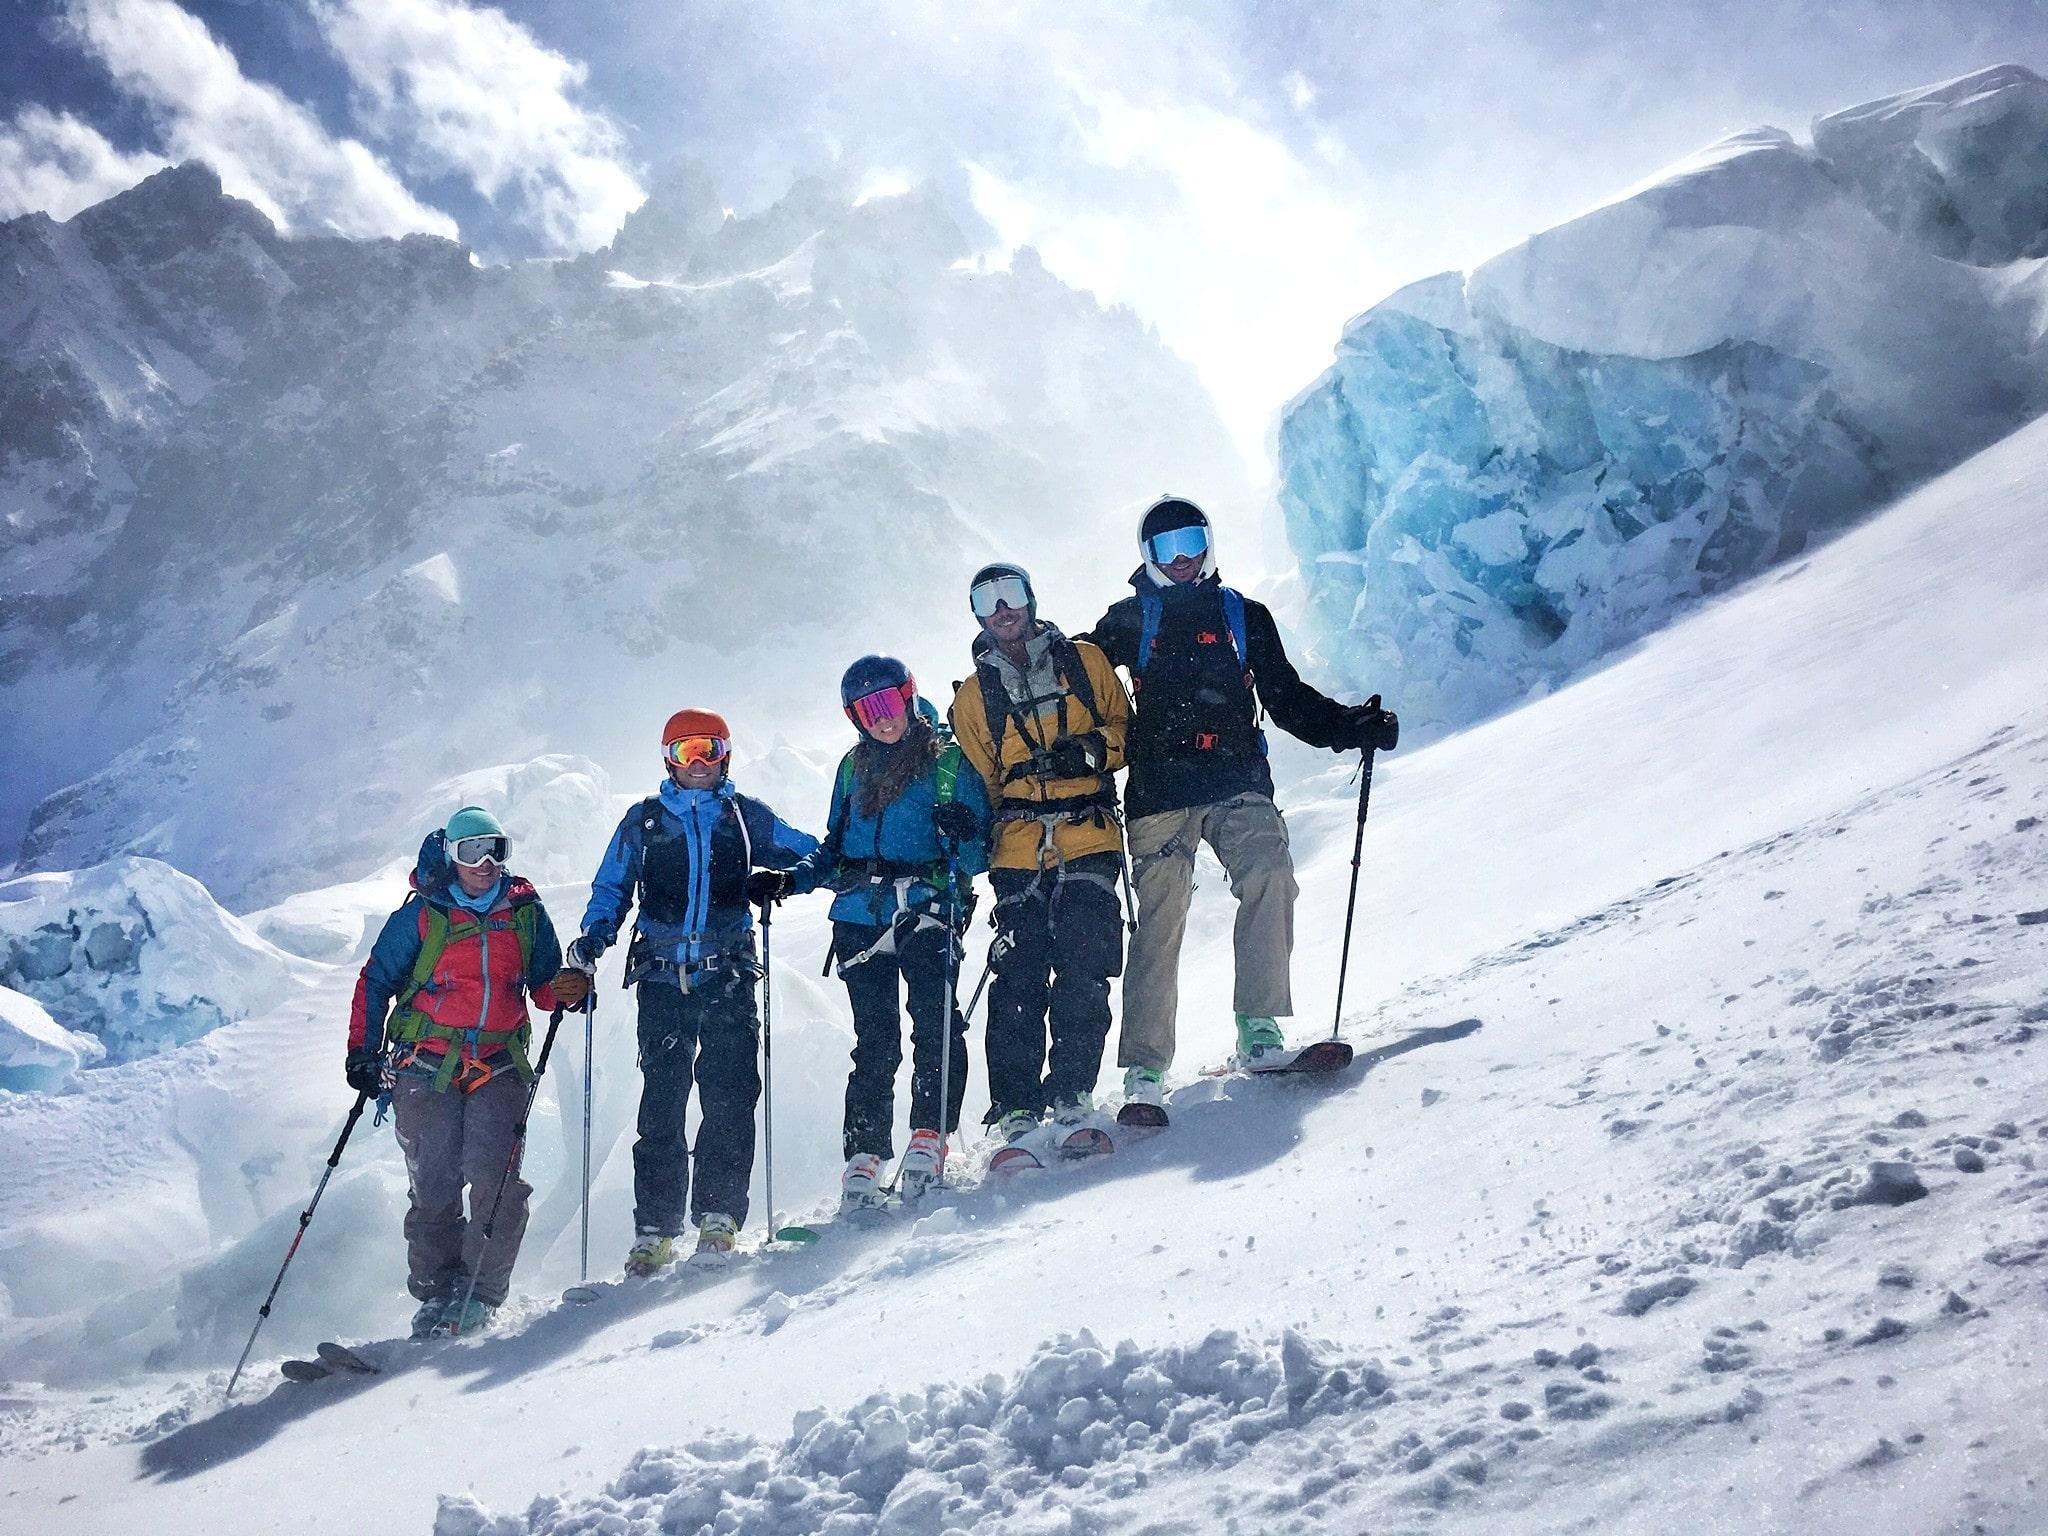 Cours de ski Adultes à St Gervais & Megève -Perfectionnement